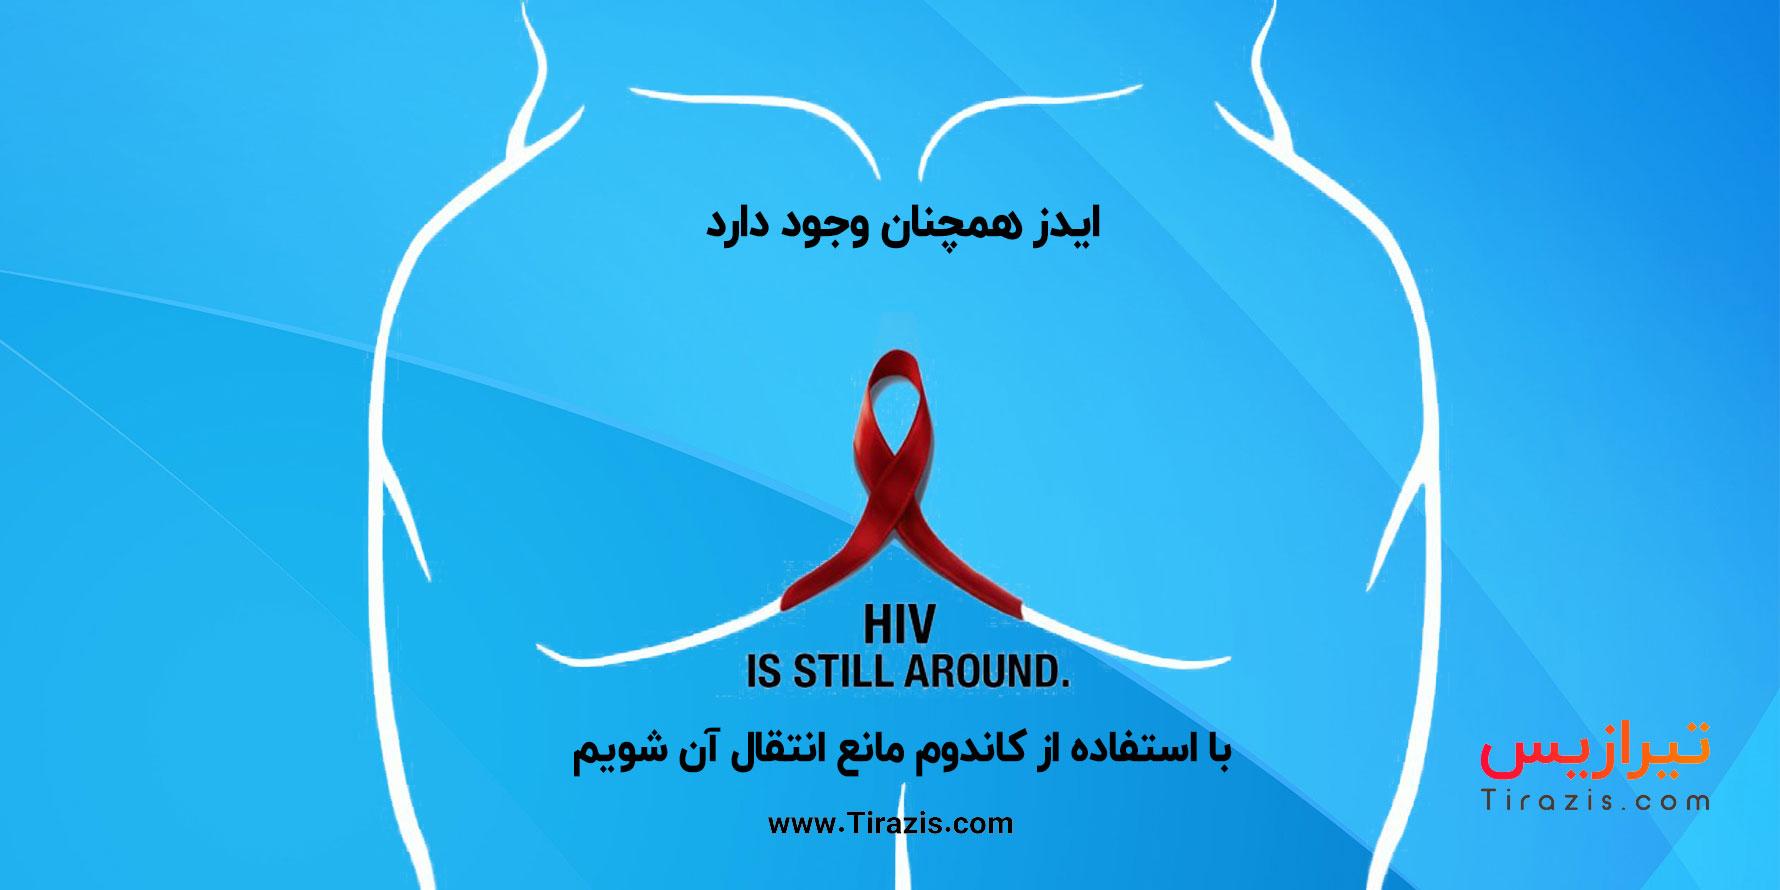 Slider-HIV-condom-tirazis2